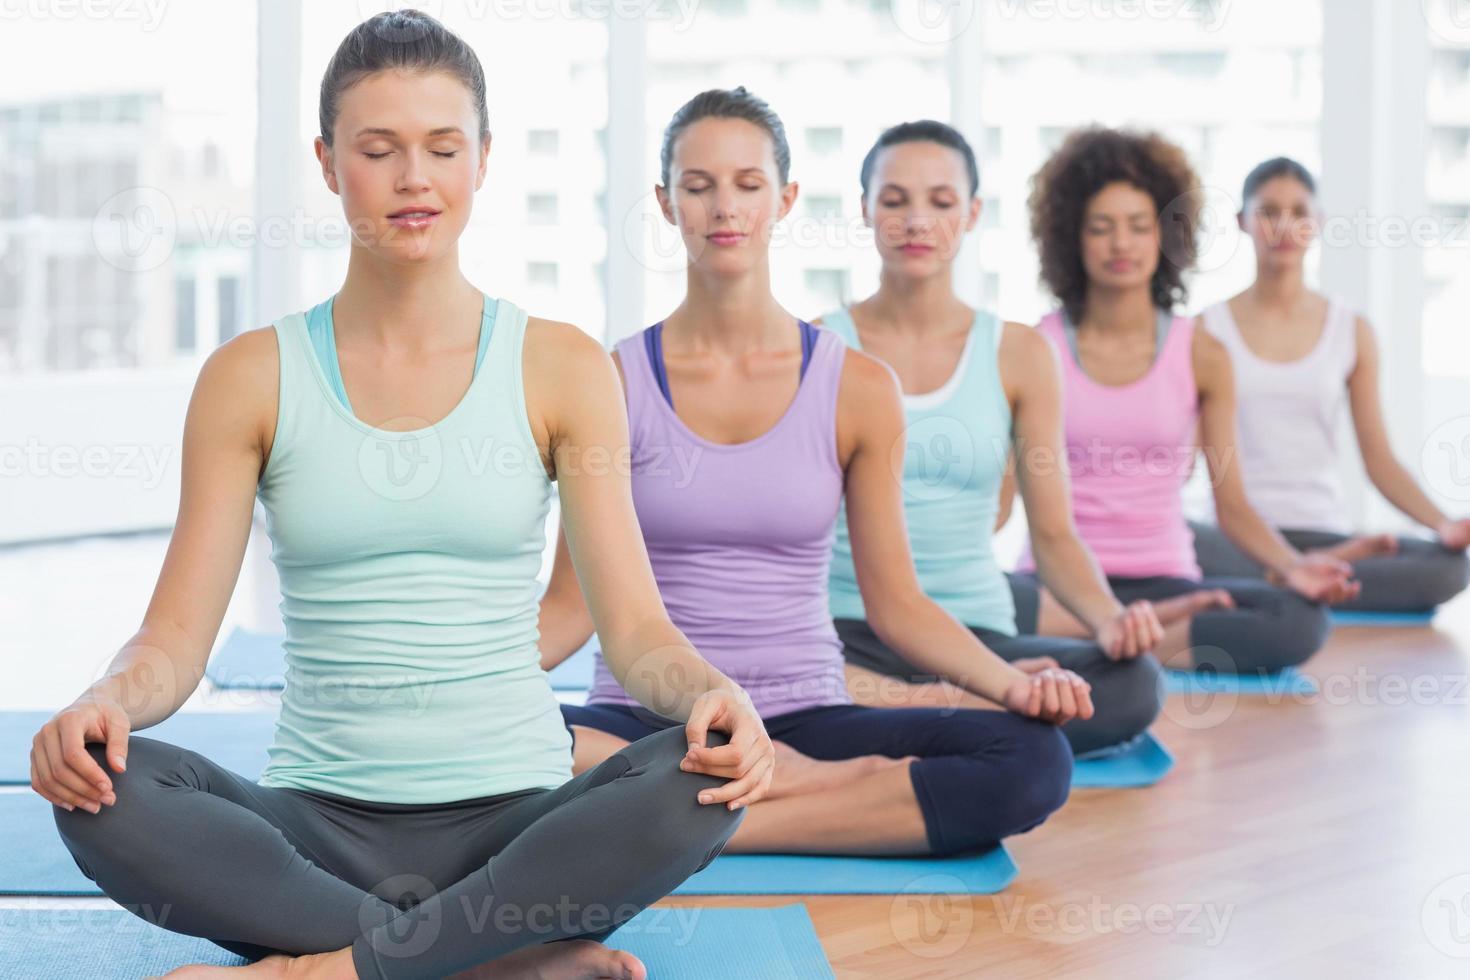 sportieve vrouwen in meditatie pose met gesloten ogen foto